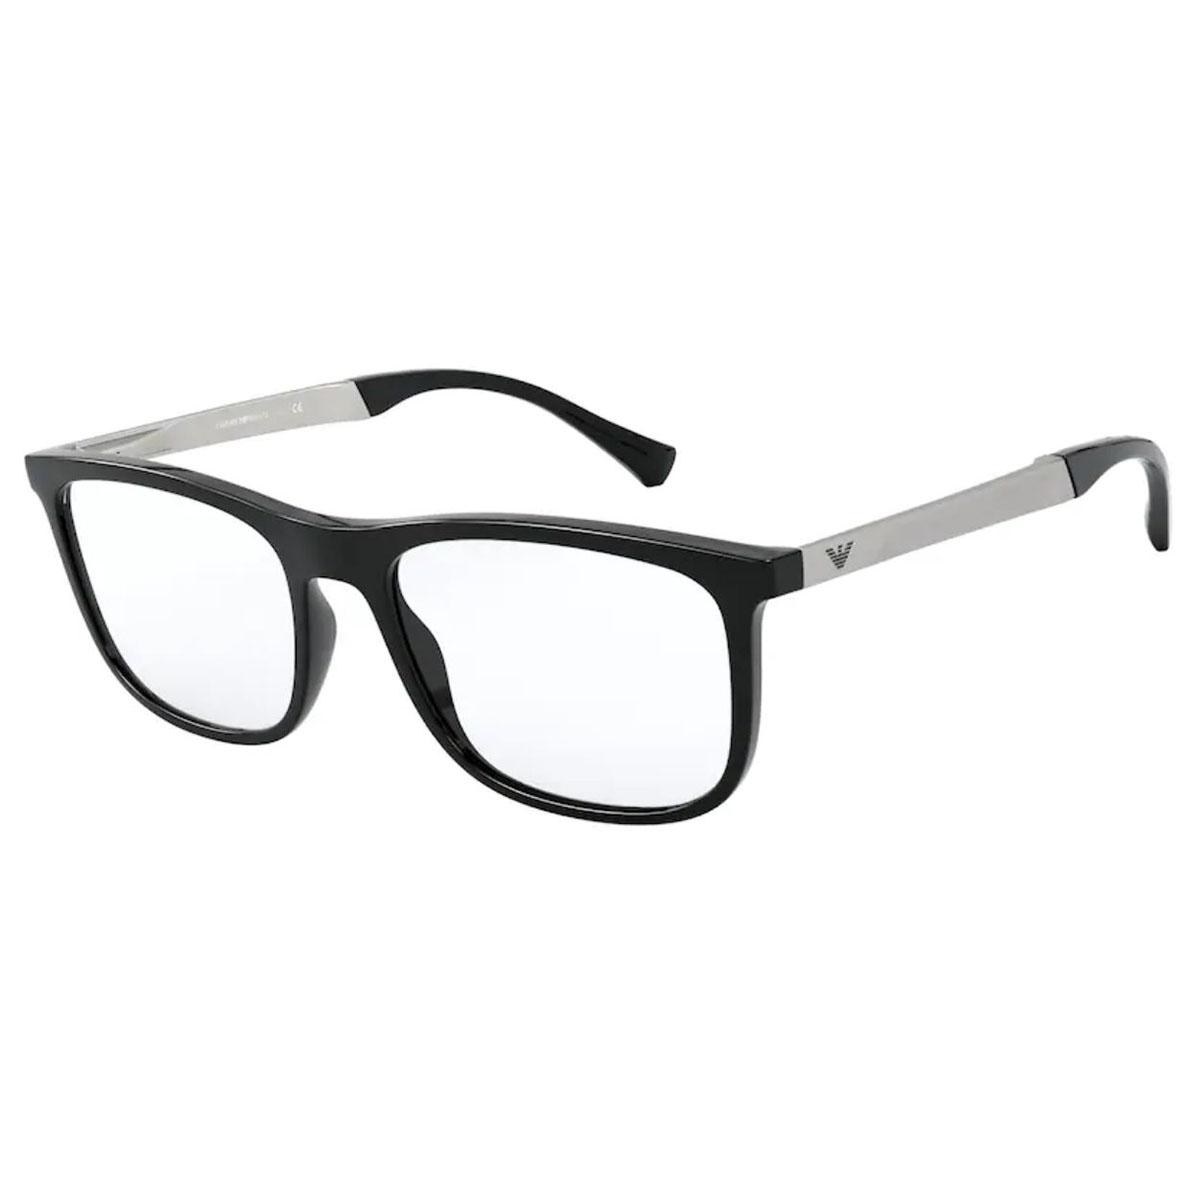 Óculos de Grau Empório Armani EA3170 Preto Brilho Tamanho 53